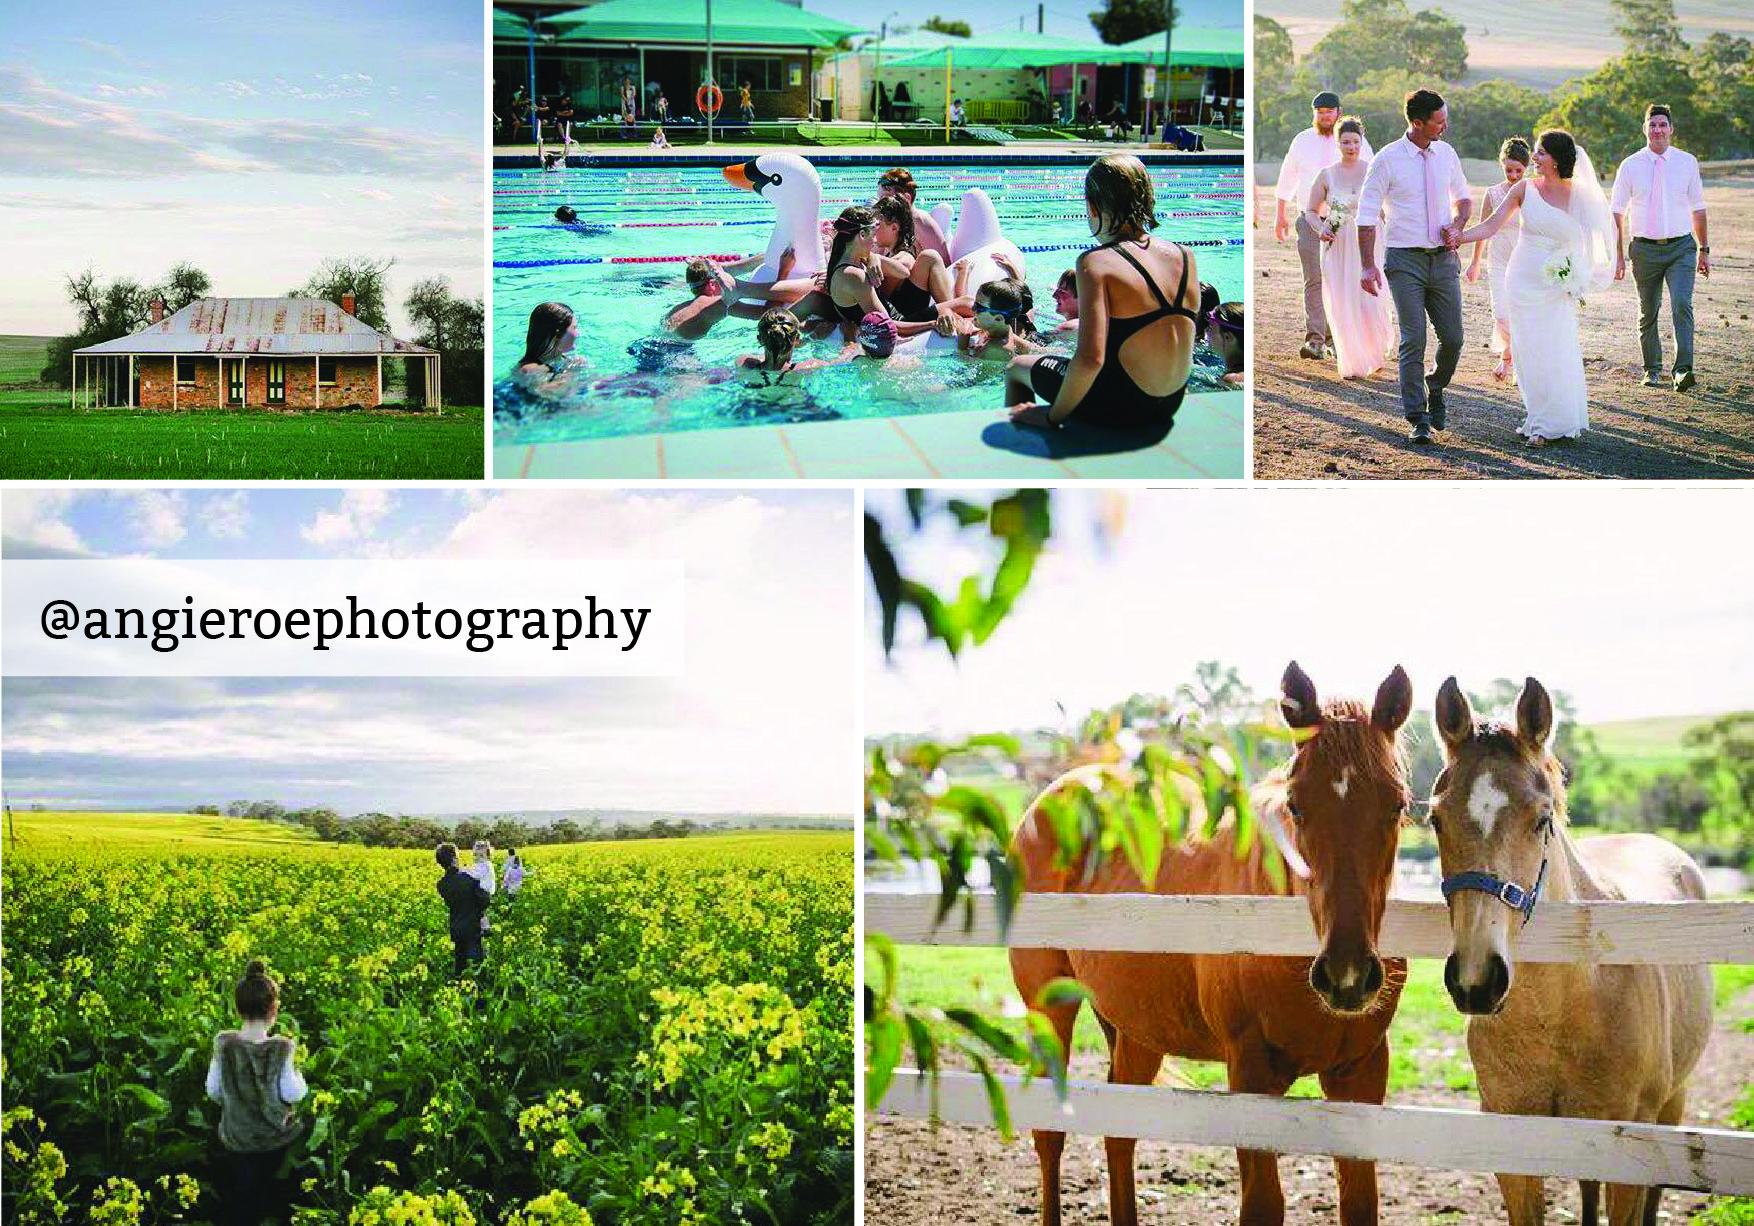 angieroephotography-01